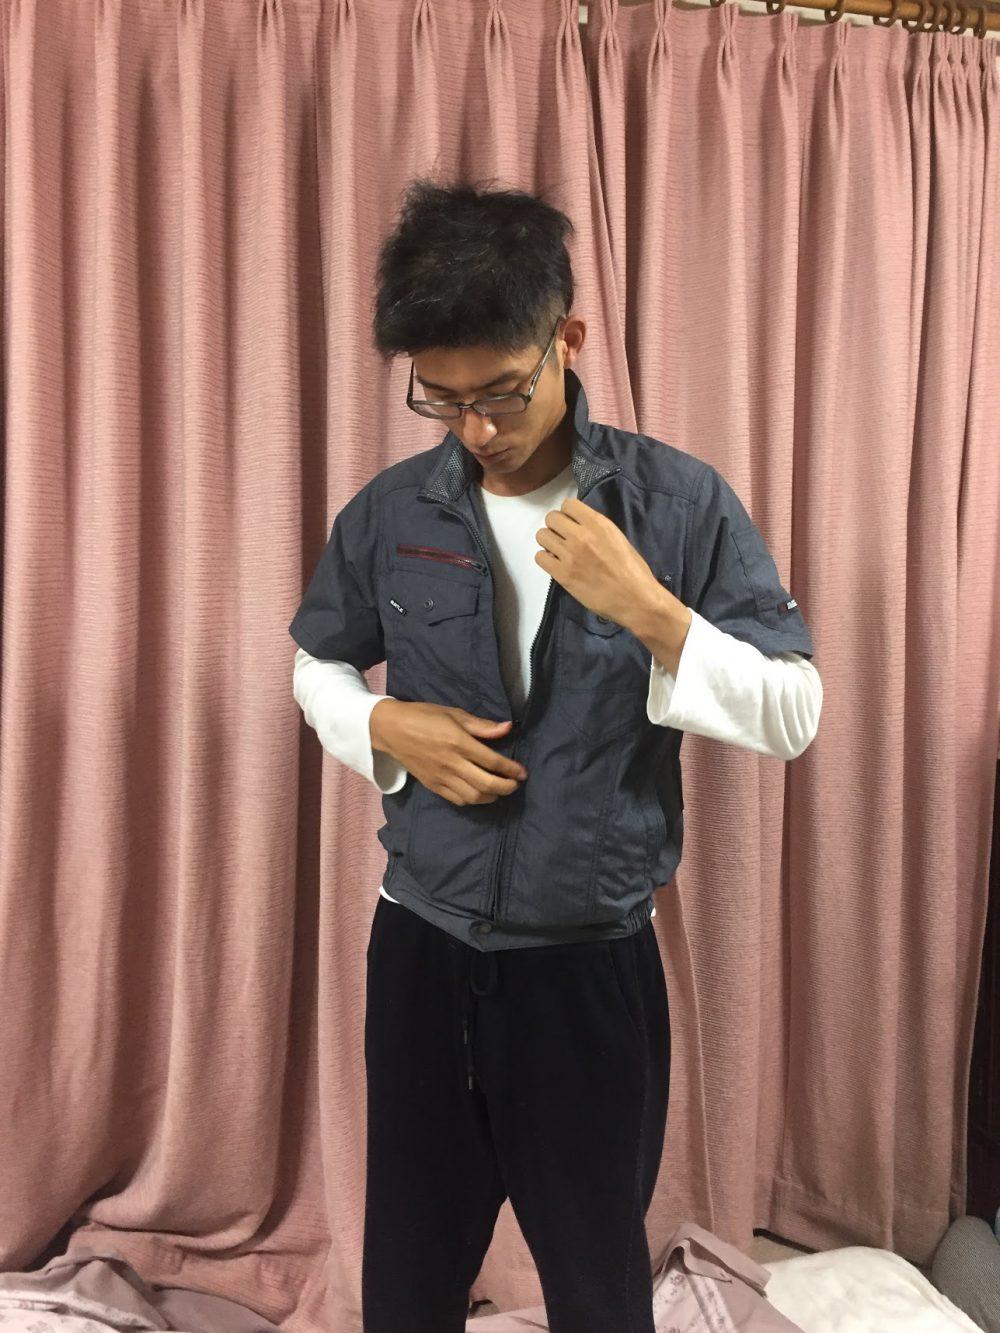 空調服は着るのは普通の上着と変わらない。